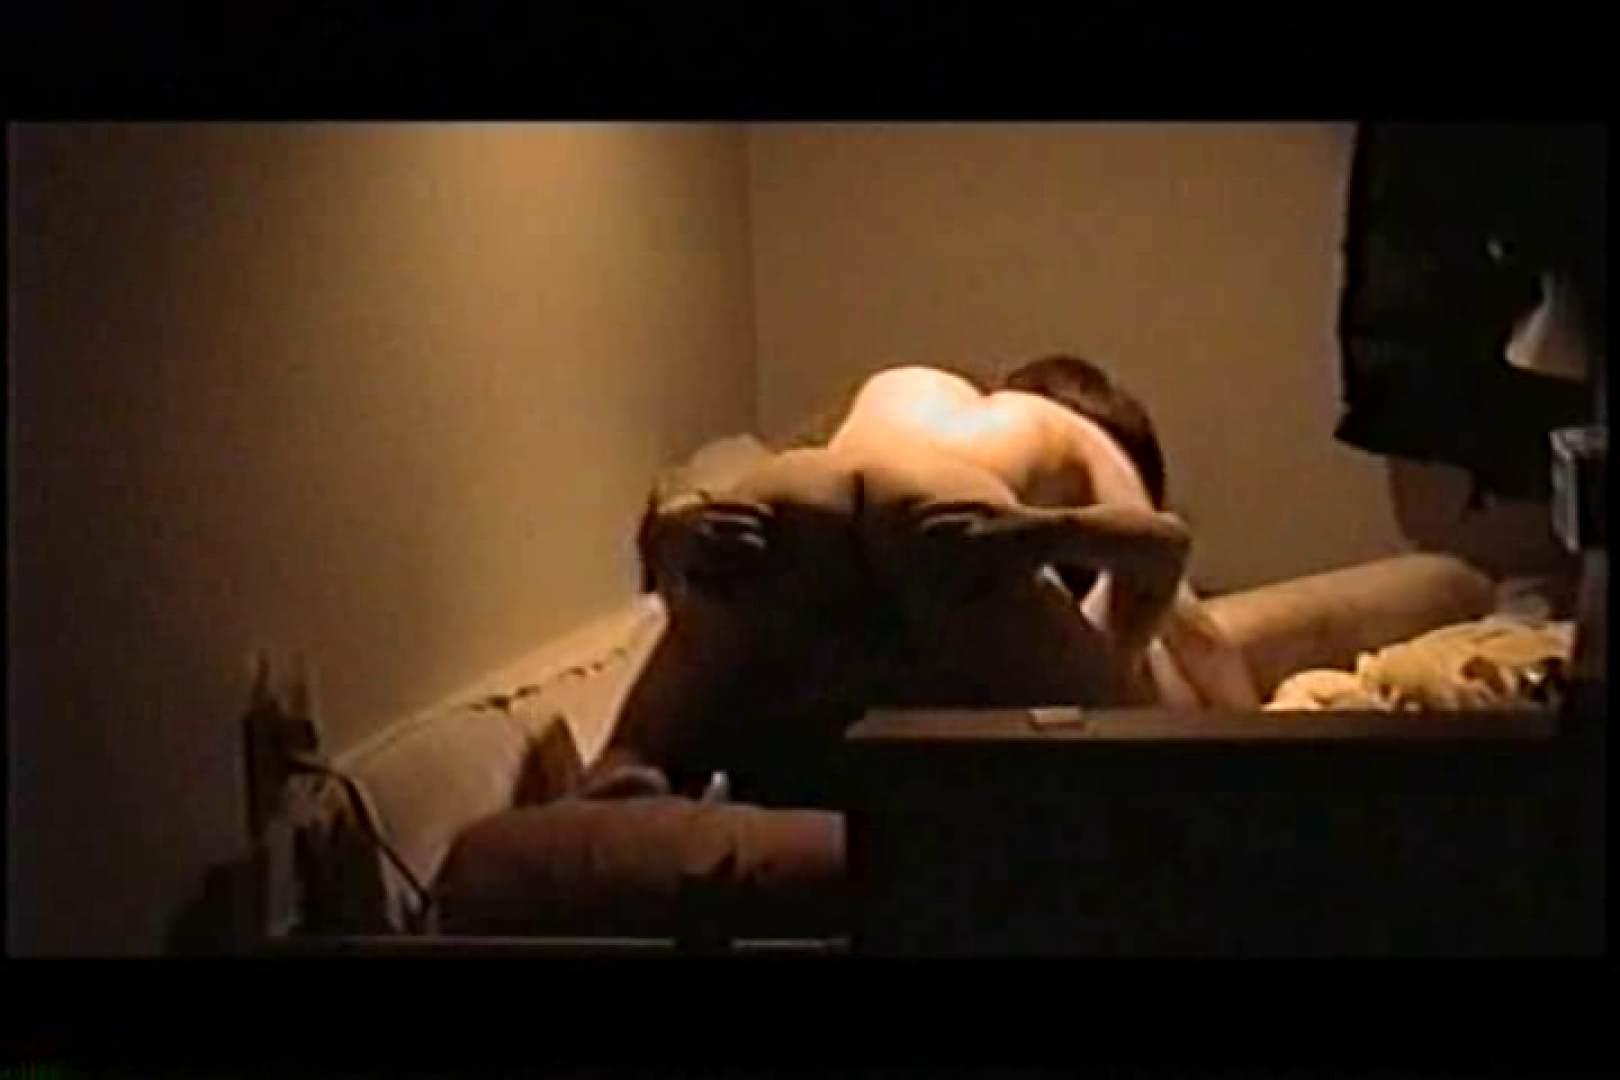 デリ嬢マル秘撮り本物投稿版 口内発射 | フェラ  85pic 30